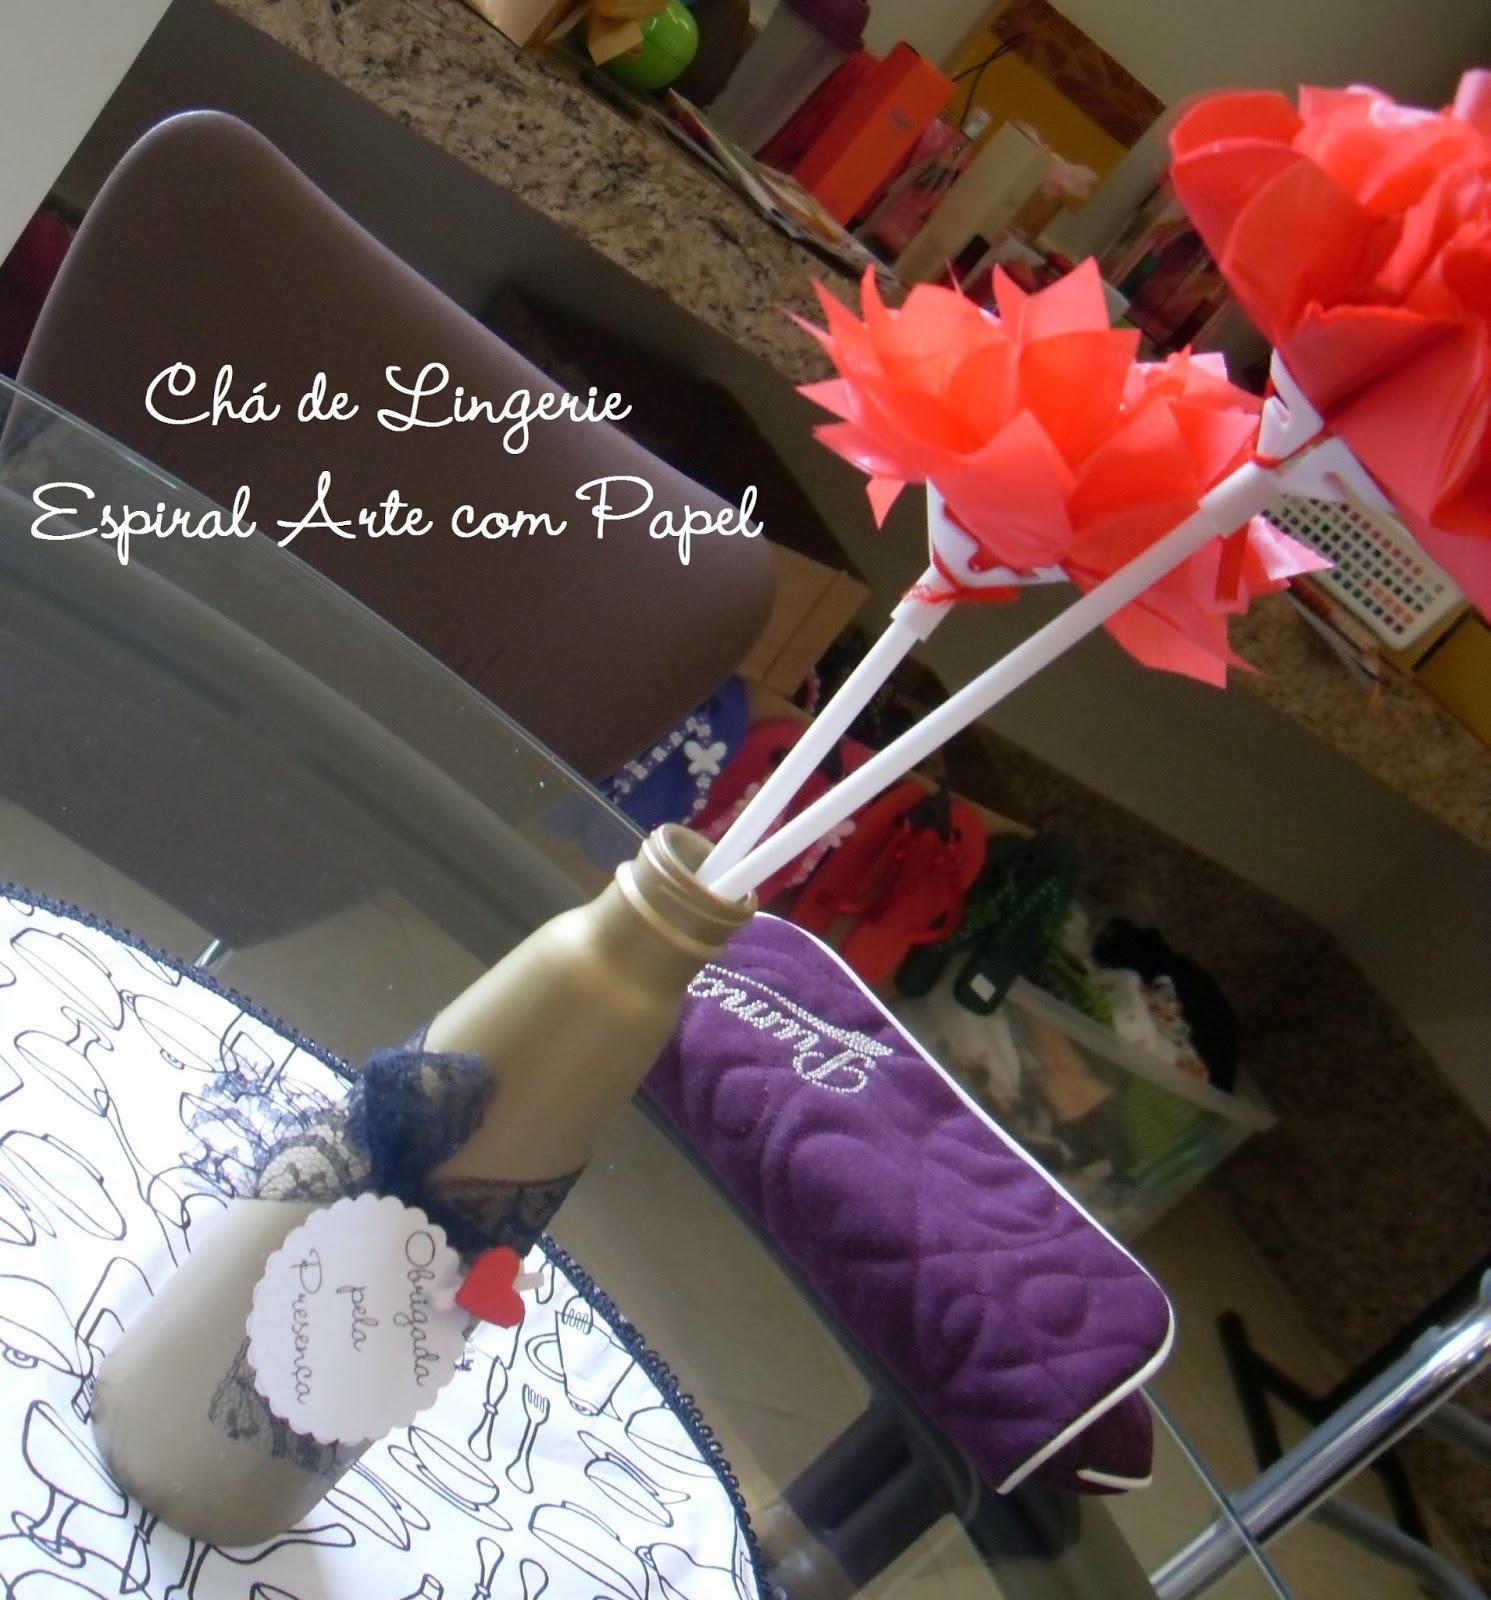 Ideias para decorar o seu Chá de Lingerie